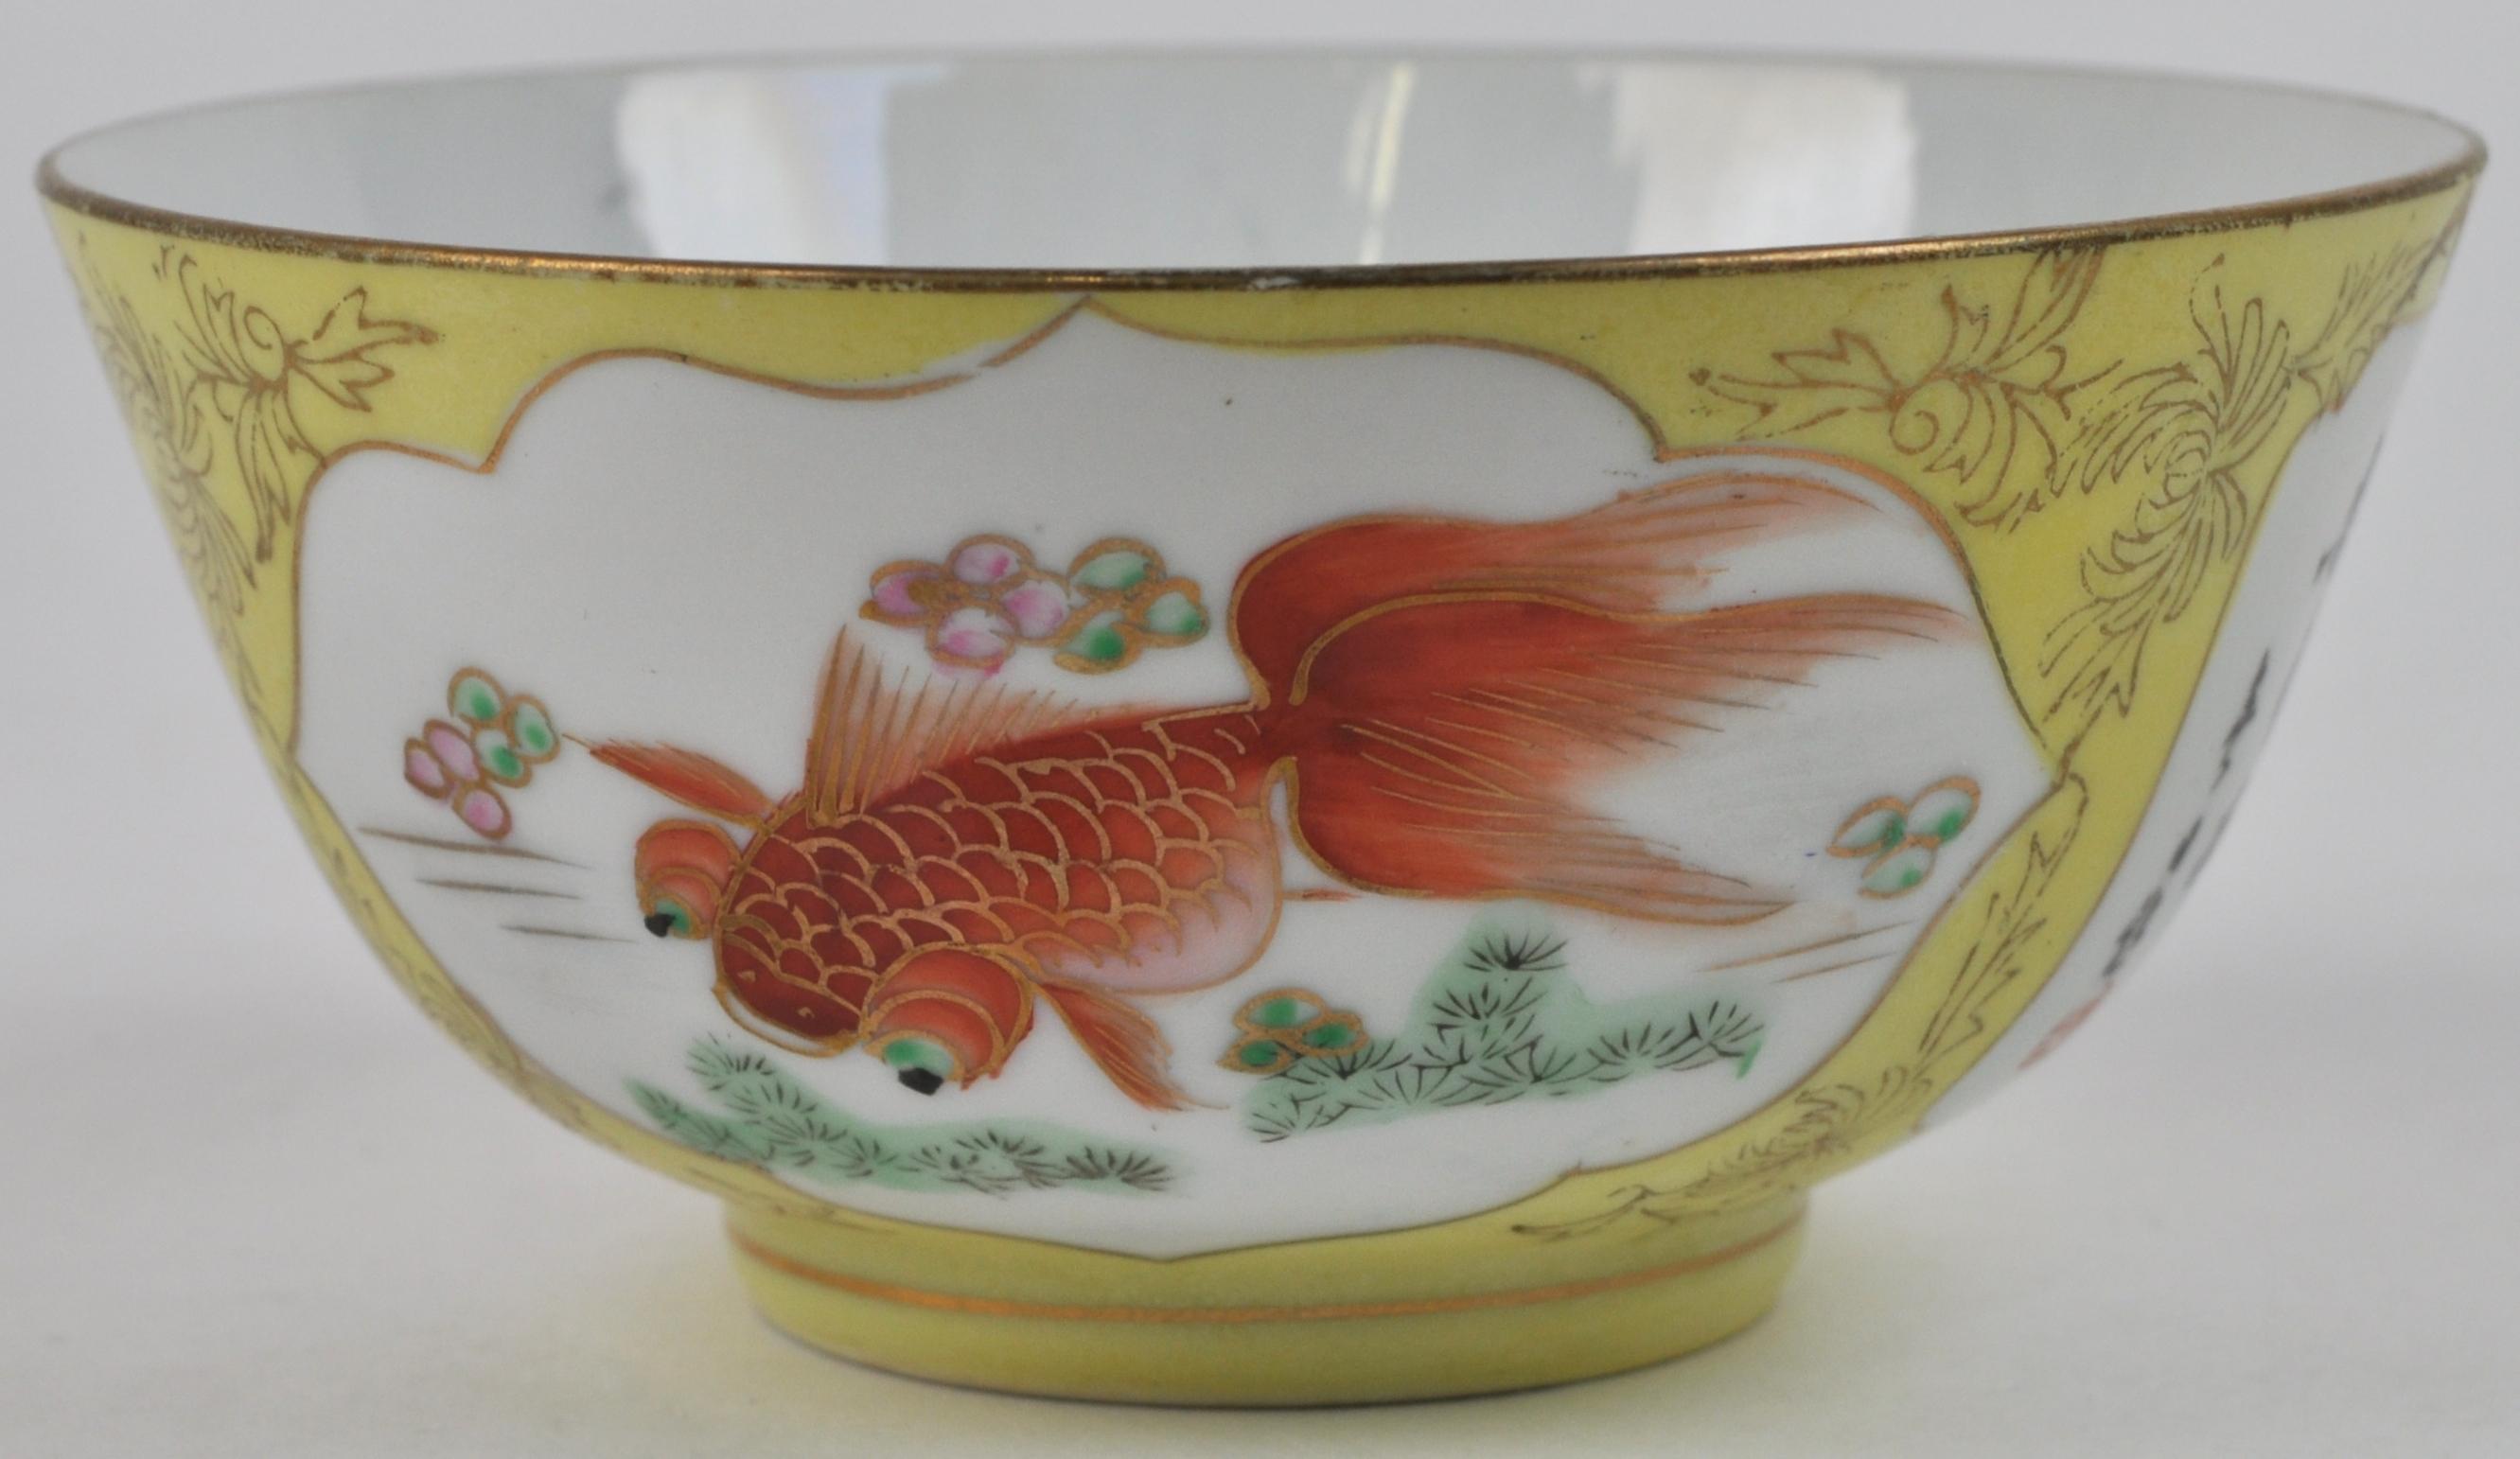 Chinees Porselein Merktekens Japans Porselein.Een Kommetje Van Meerkleurig Chinees Porselein Met Een Decor Van